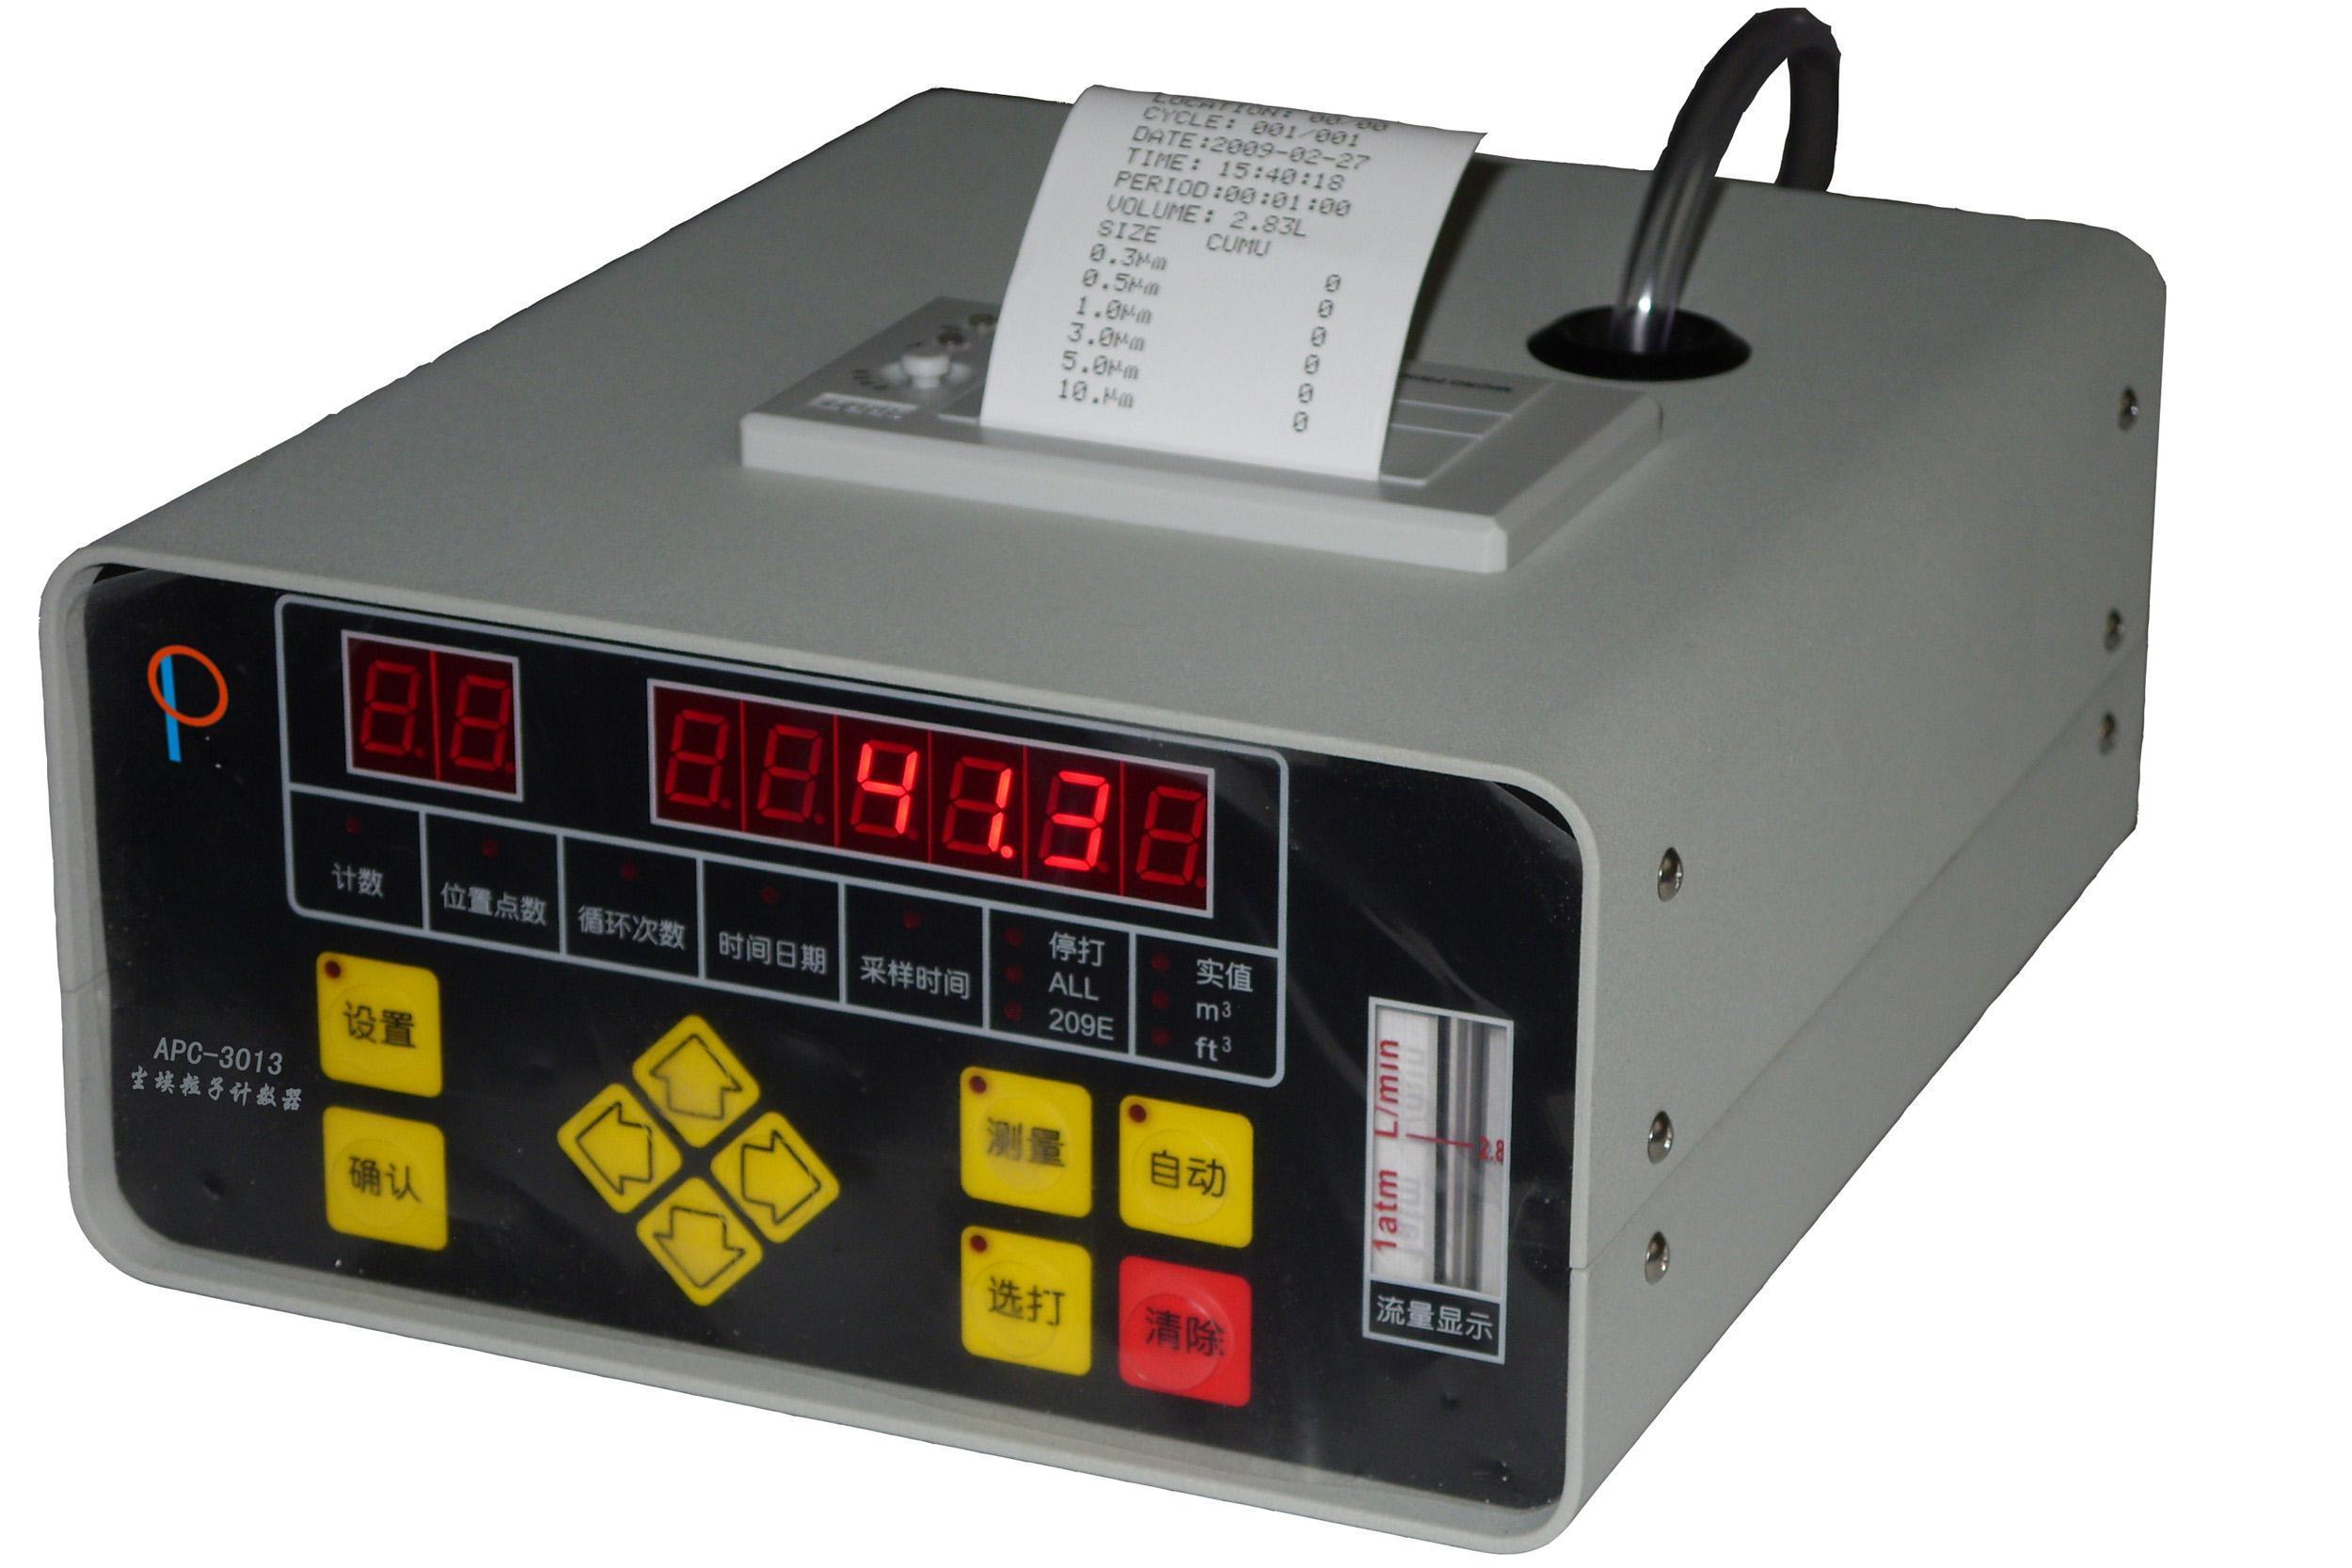 上海瑞宏检测尘埃粒子计数器APC-3013